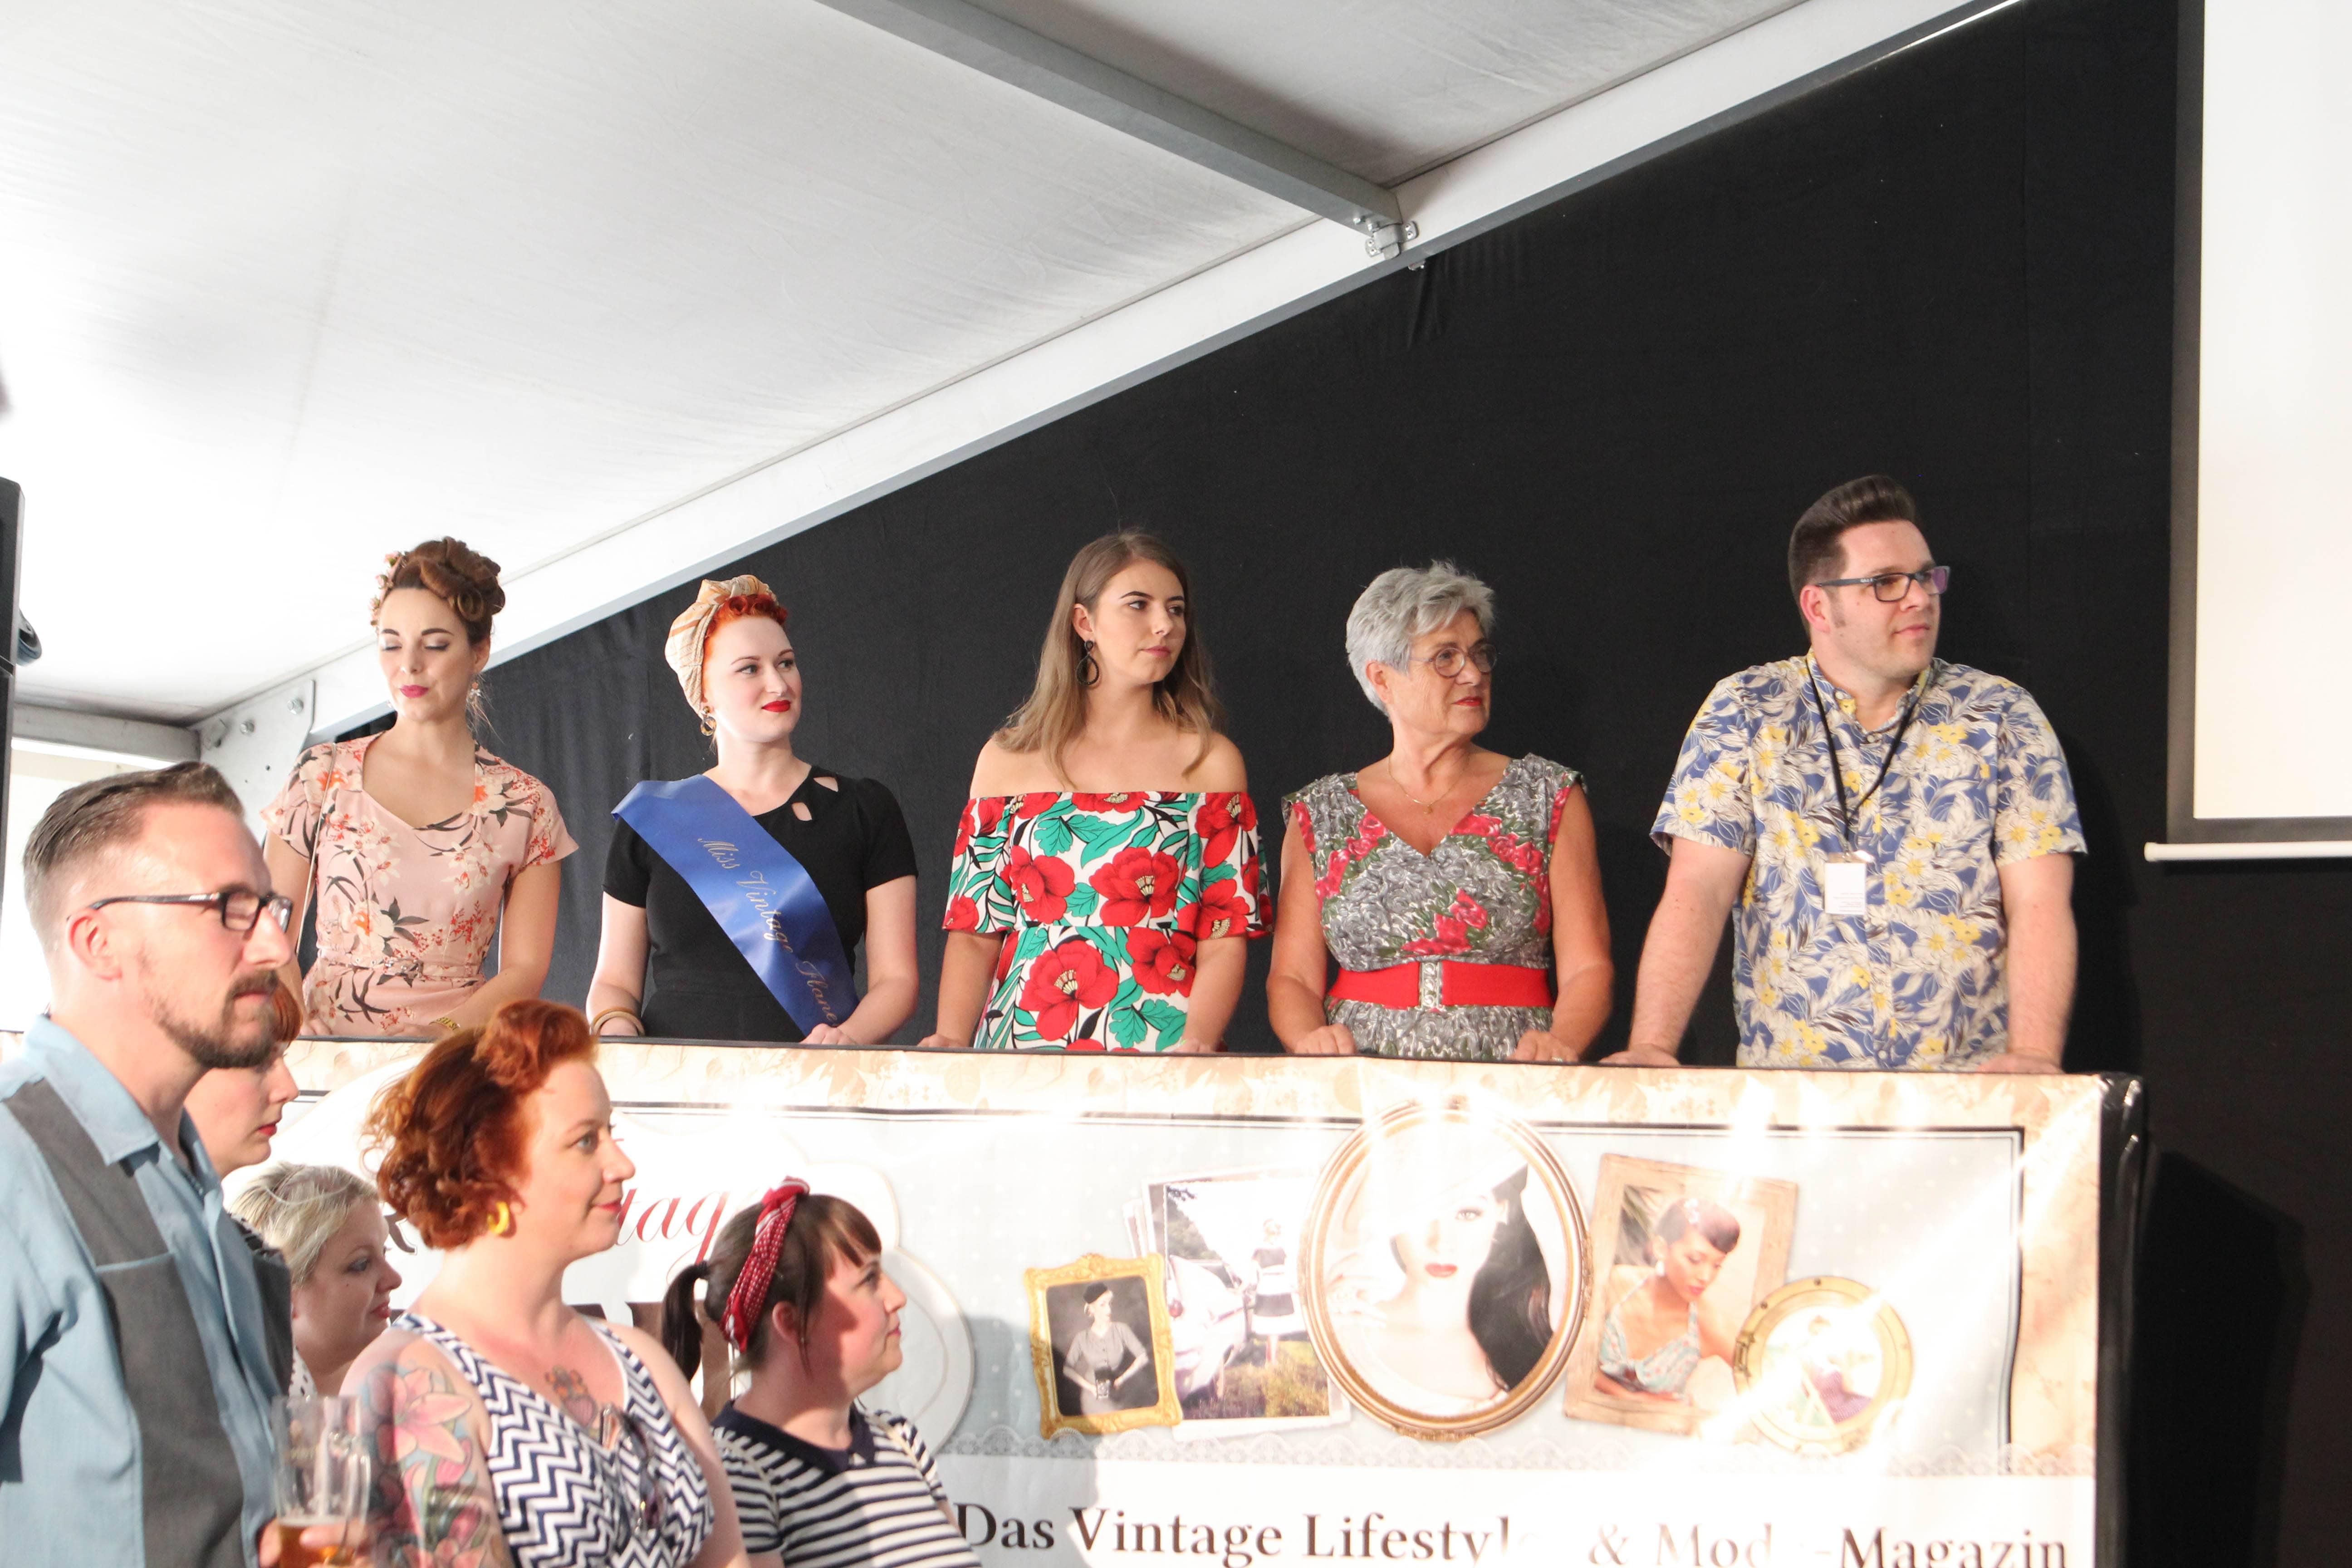 Die Jury der Miss Vintage Flaneur Wahl 2018